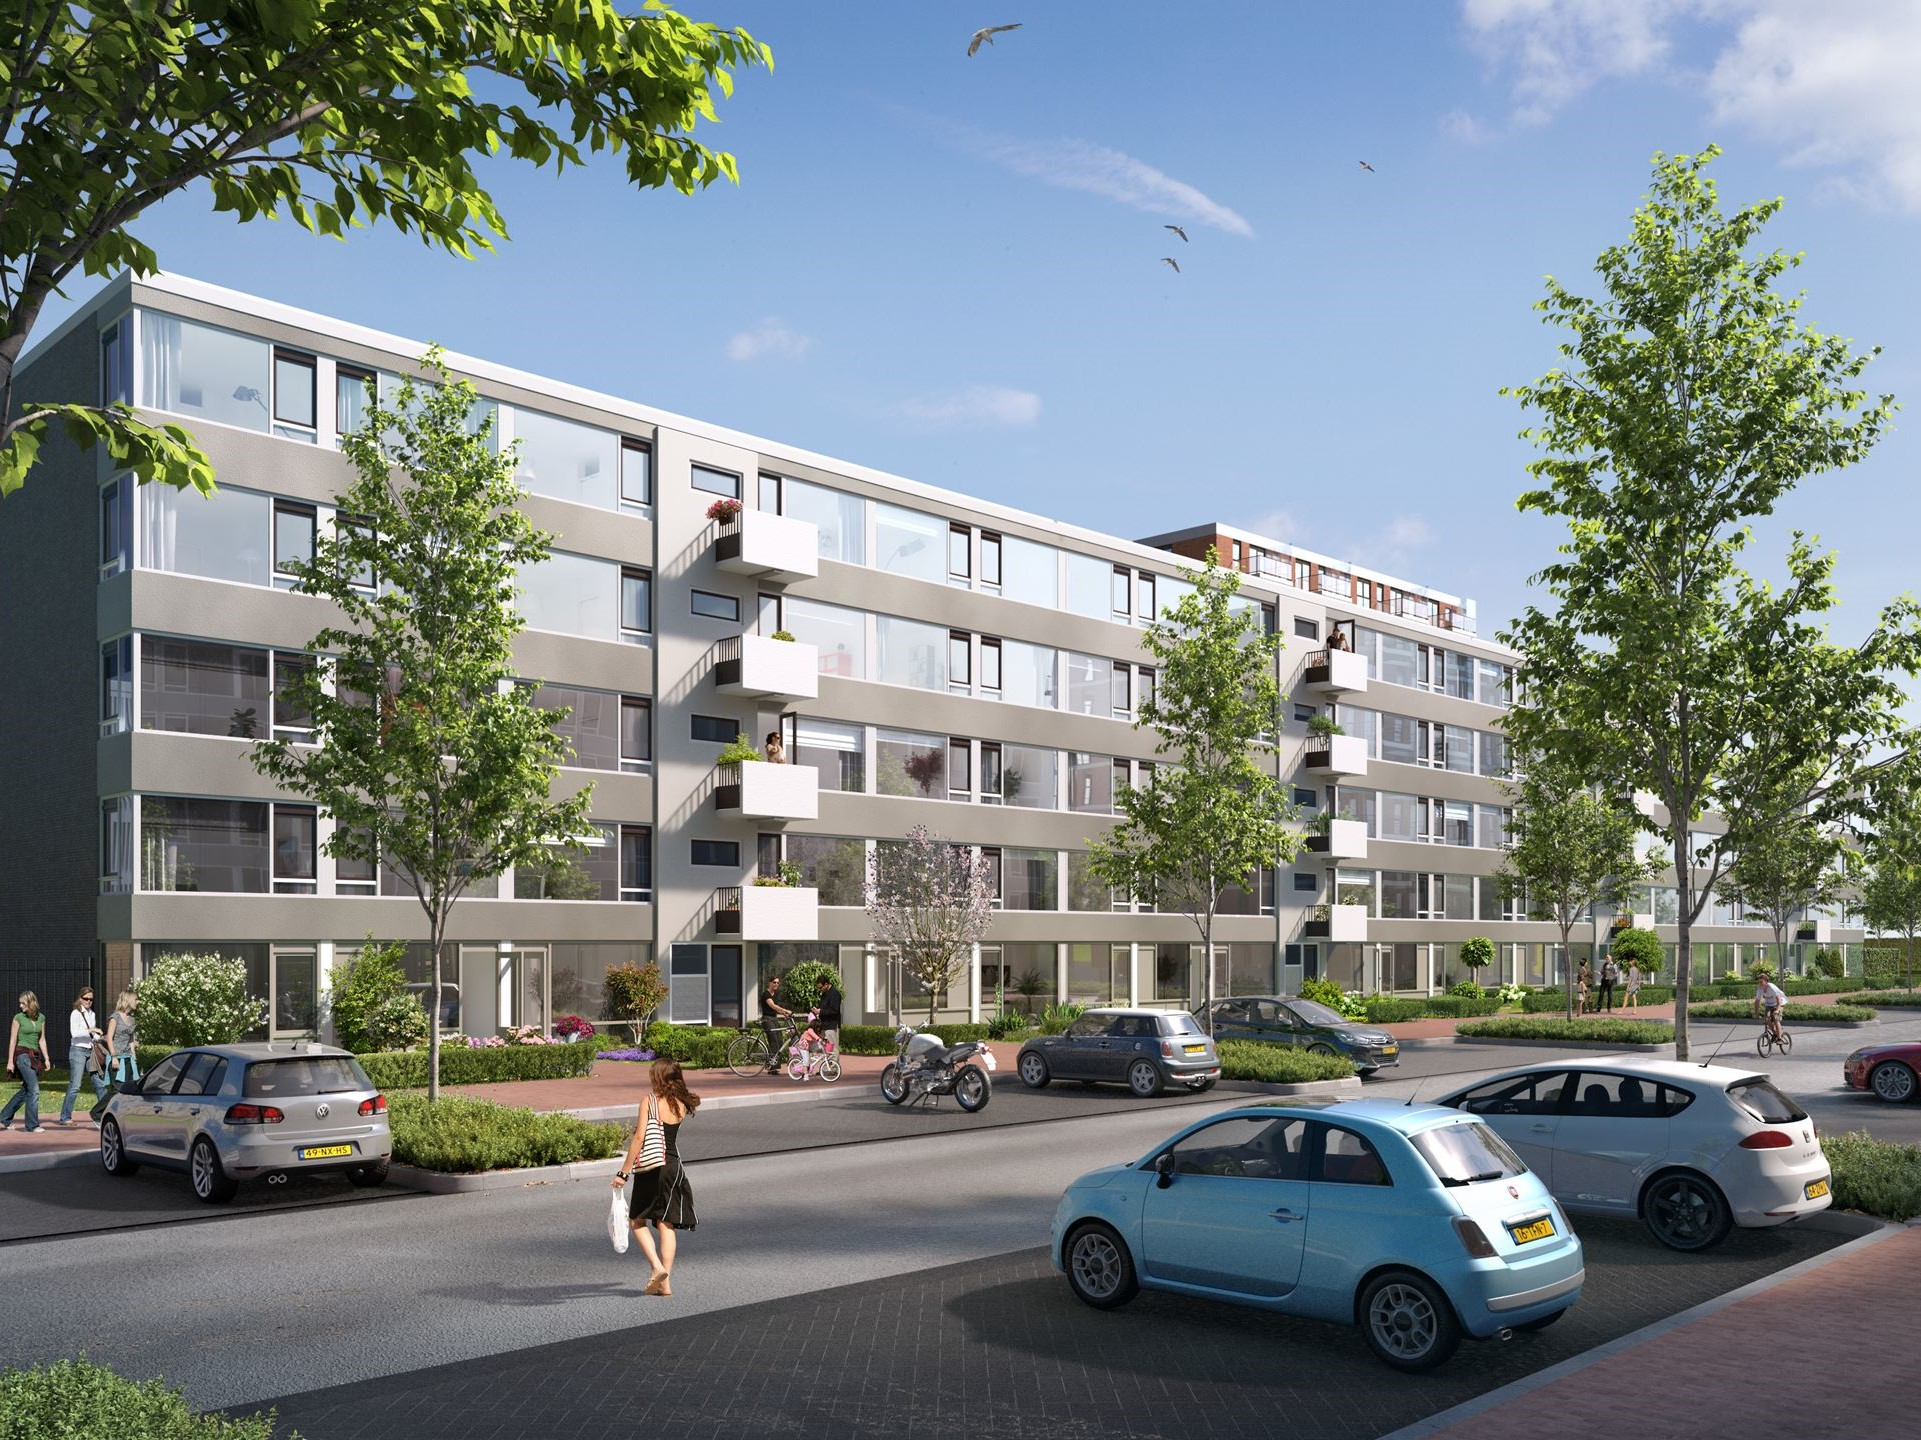 Monnetlaan 94, Utrecht